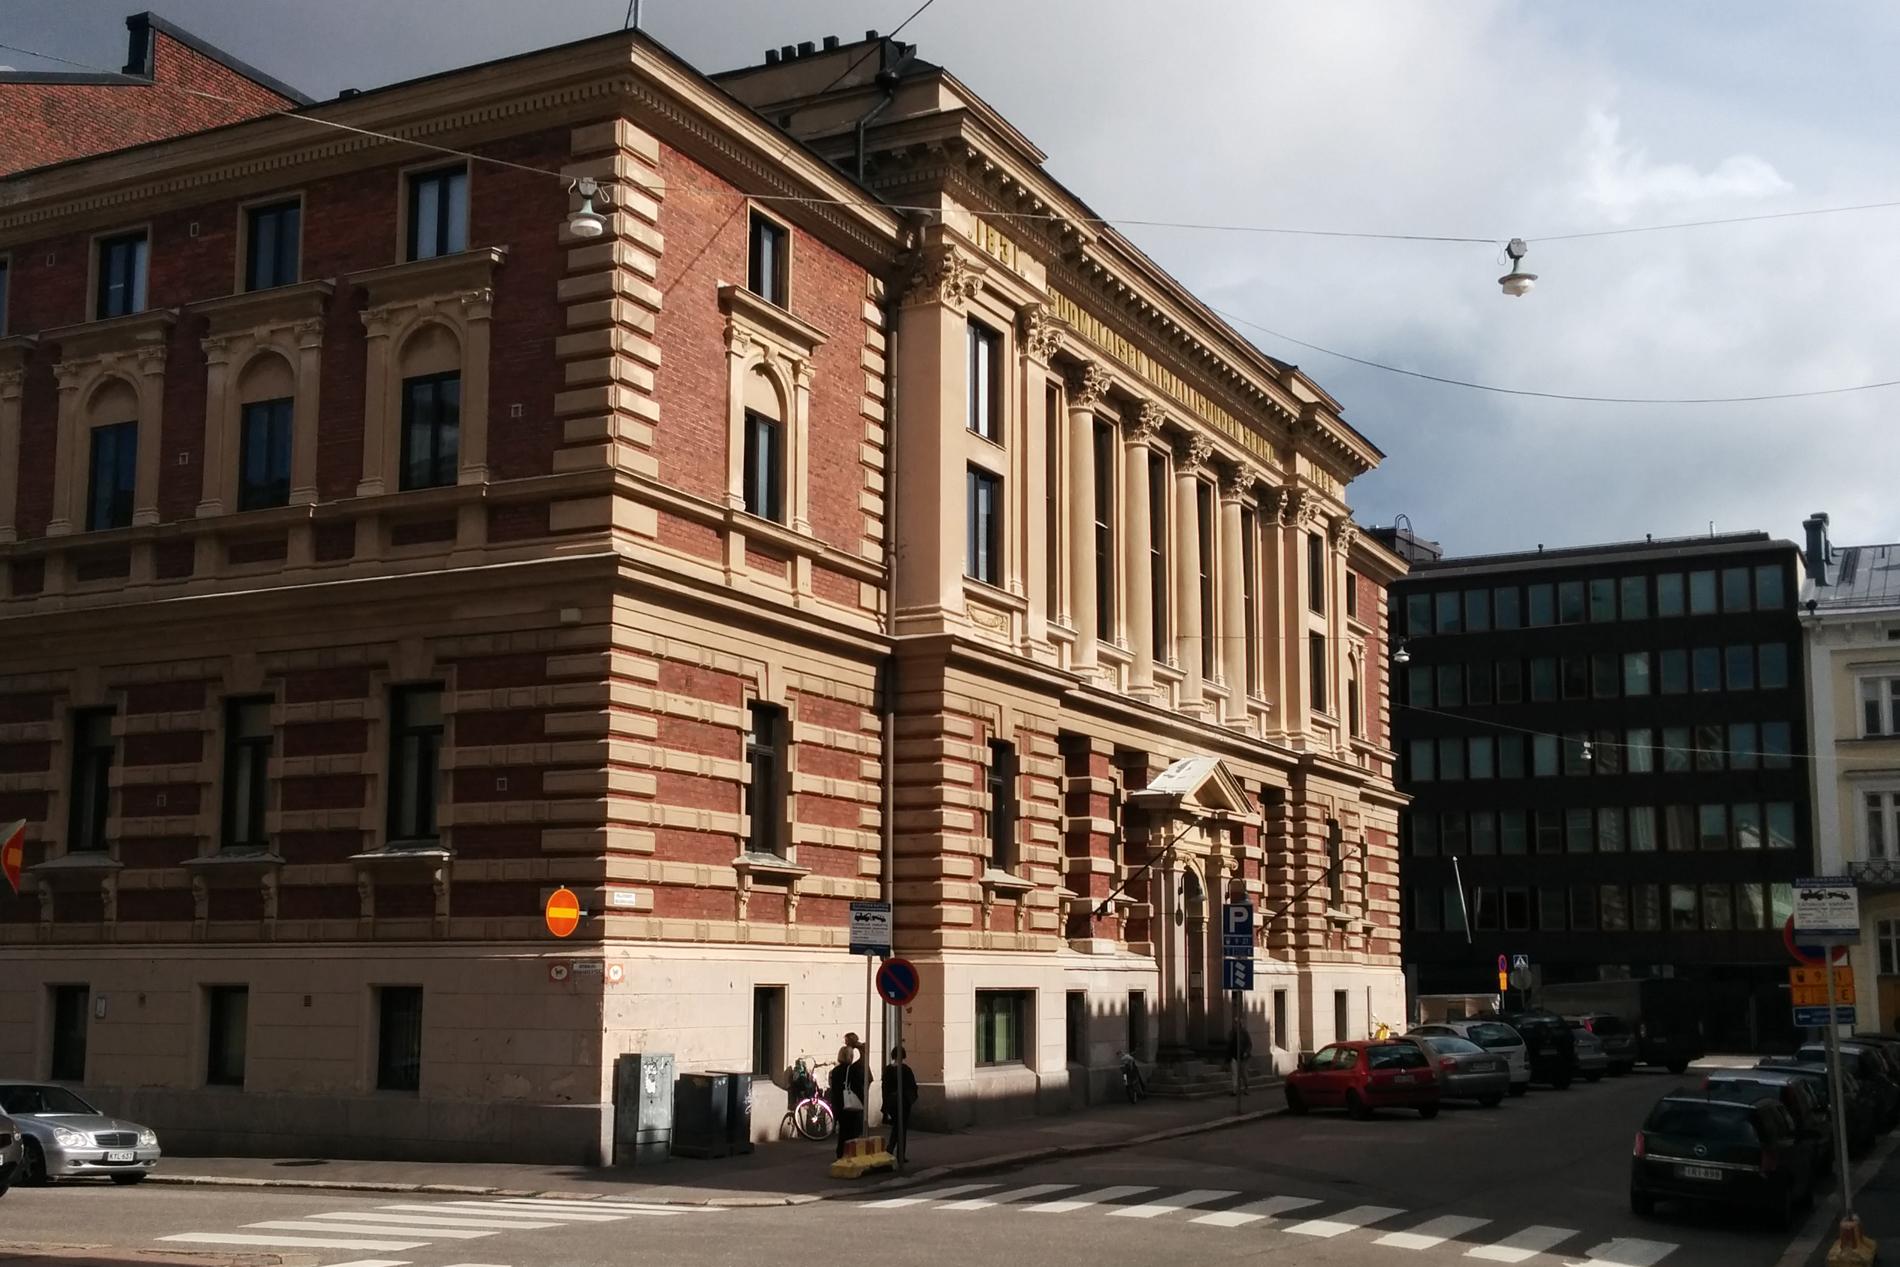 SKS:n päärakennus Hallituskatu 1, Helsinki. SKS. Kuvaaja: Pirjo Mäkilä.